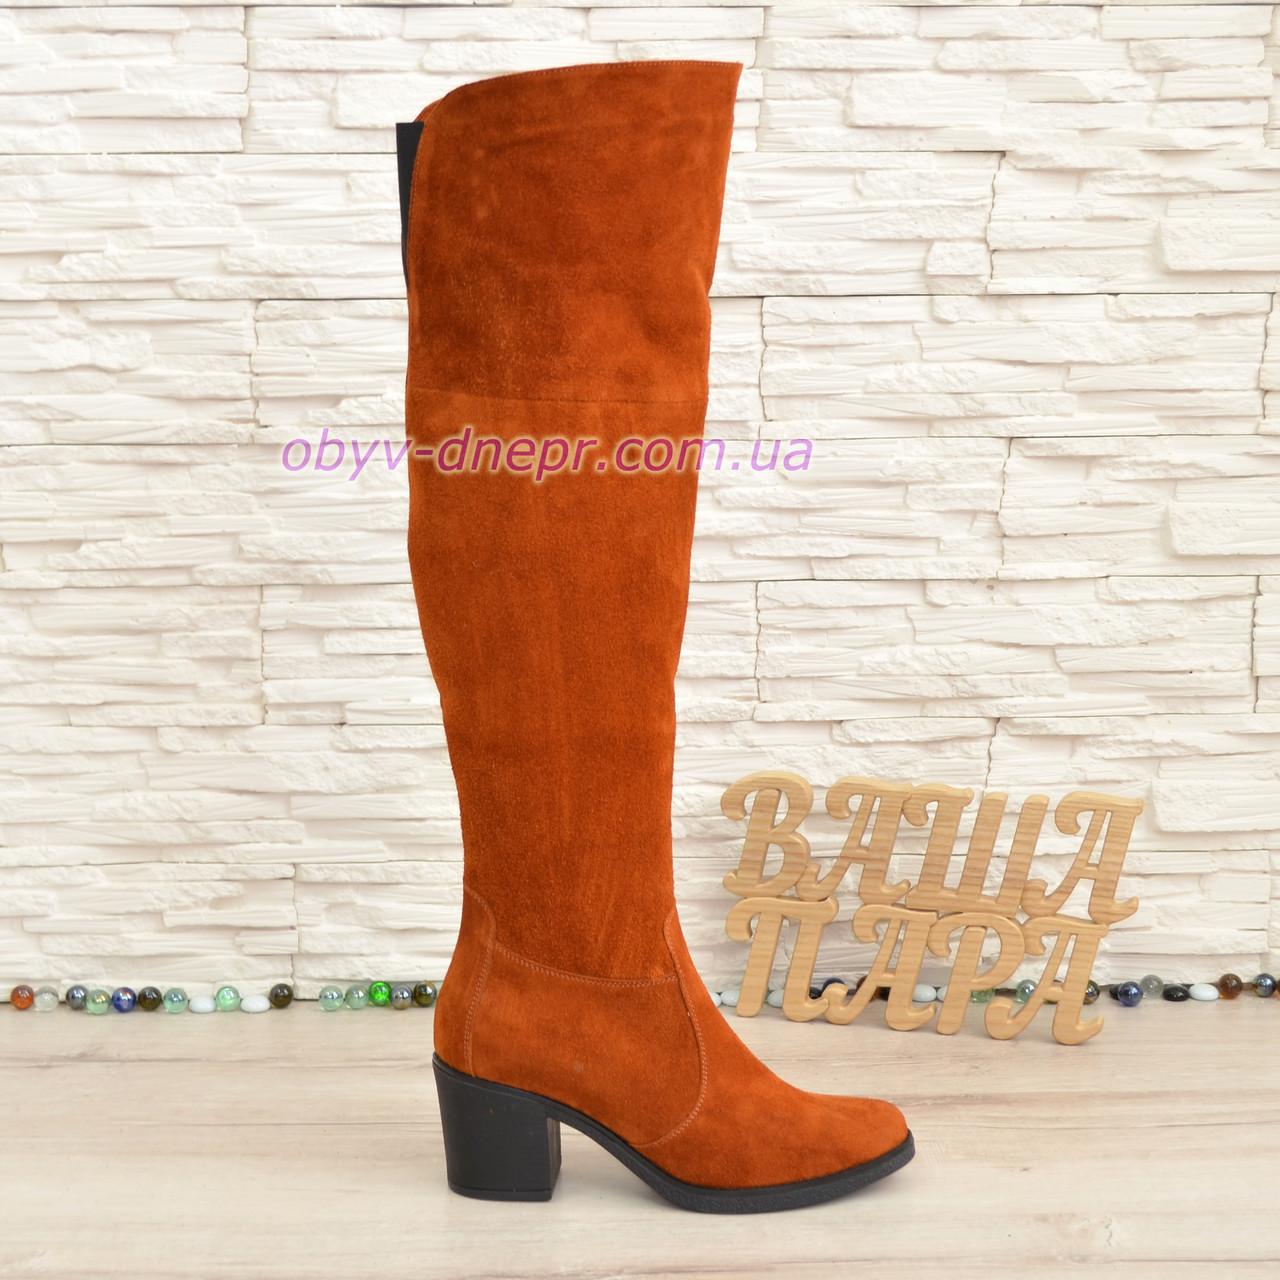 Ботфорты зимние замшевые на устойчивом каблуке, цвет рыжий.